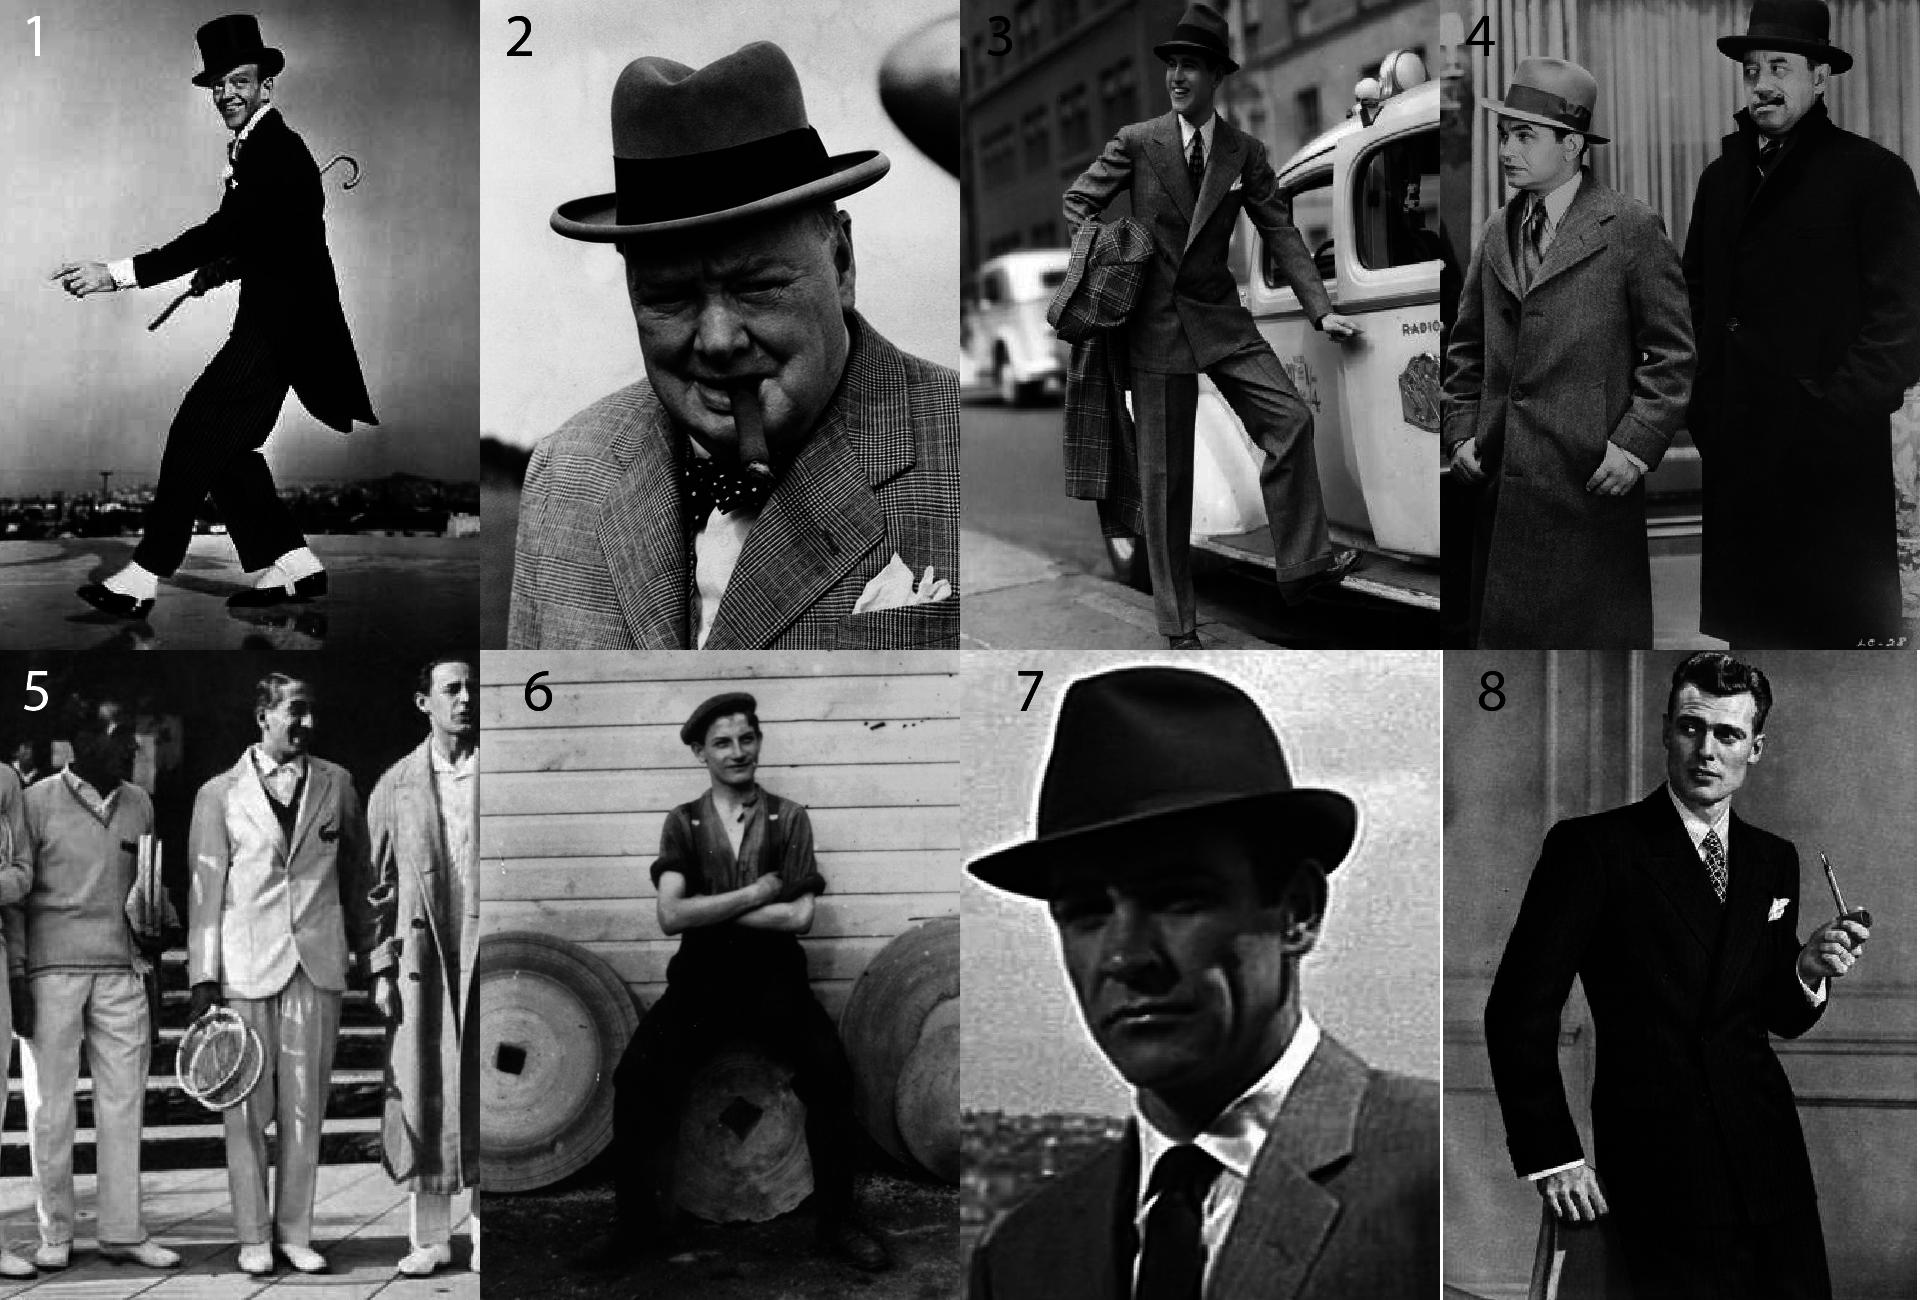 Moda męska lata 30.- Jak ubierano się w latach 30's - Strój męski lata 30's - Fred Astair - Rene Lacoste - Styl gangsterski Al Capone - Kapelusz Trilby lata 30.